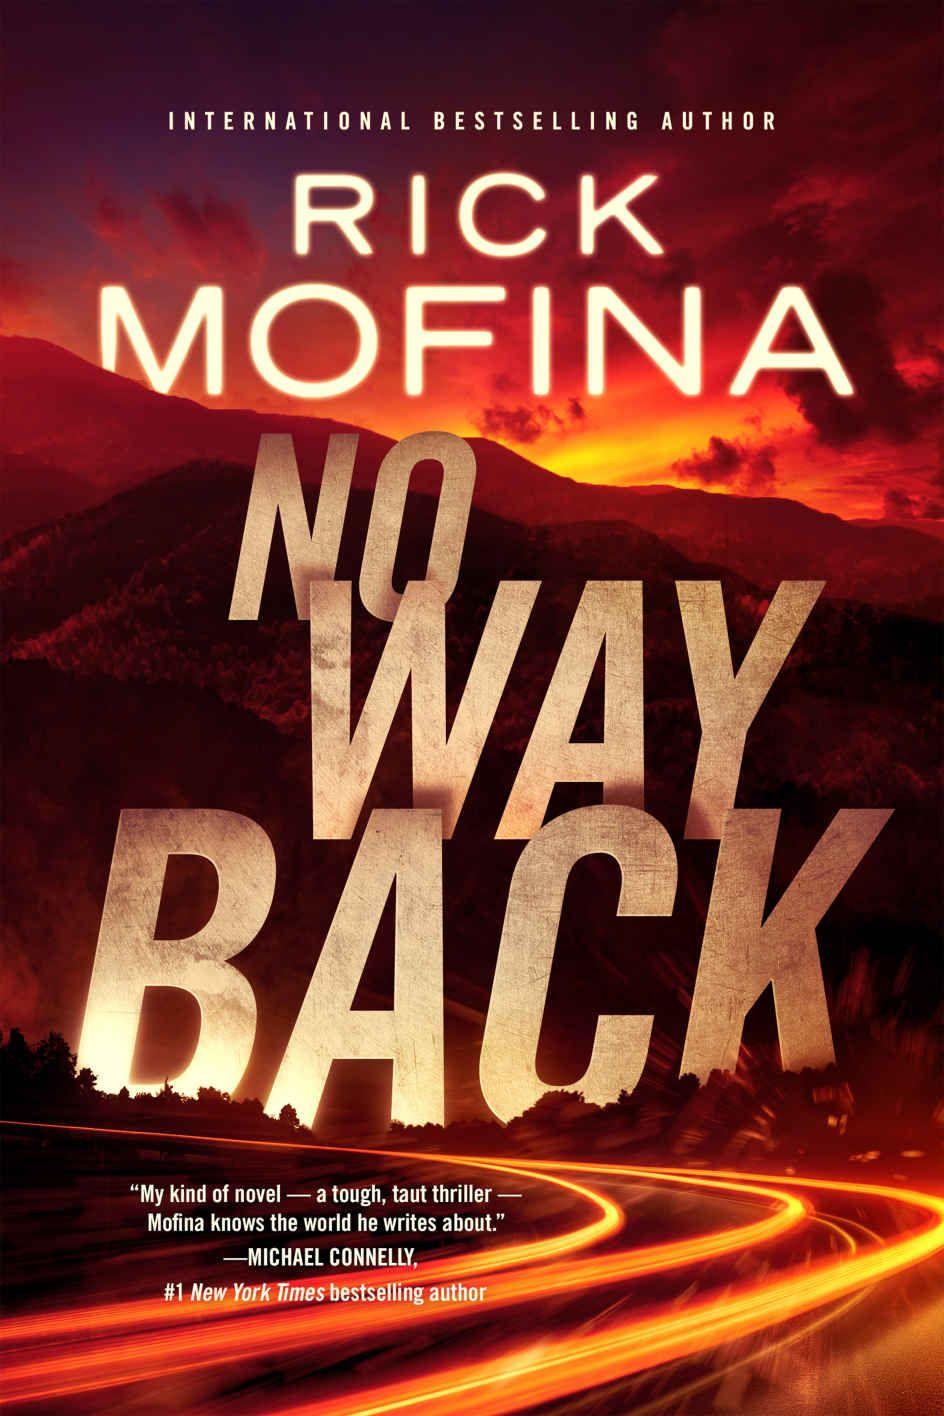 Amazon.com: No Way Back eBook: Rick Mofina: Kindle Store